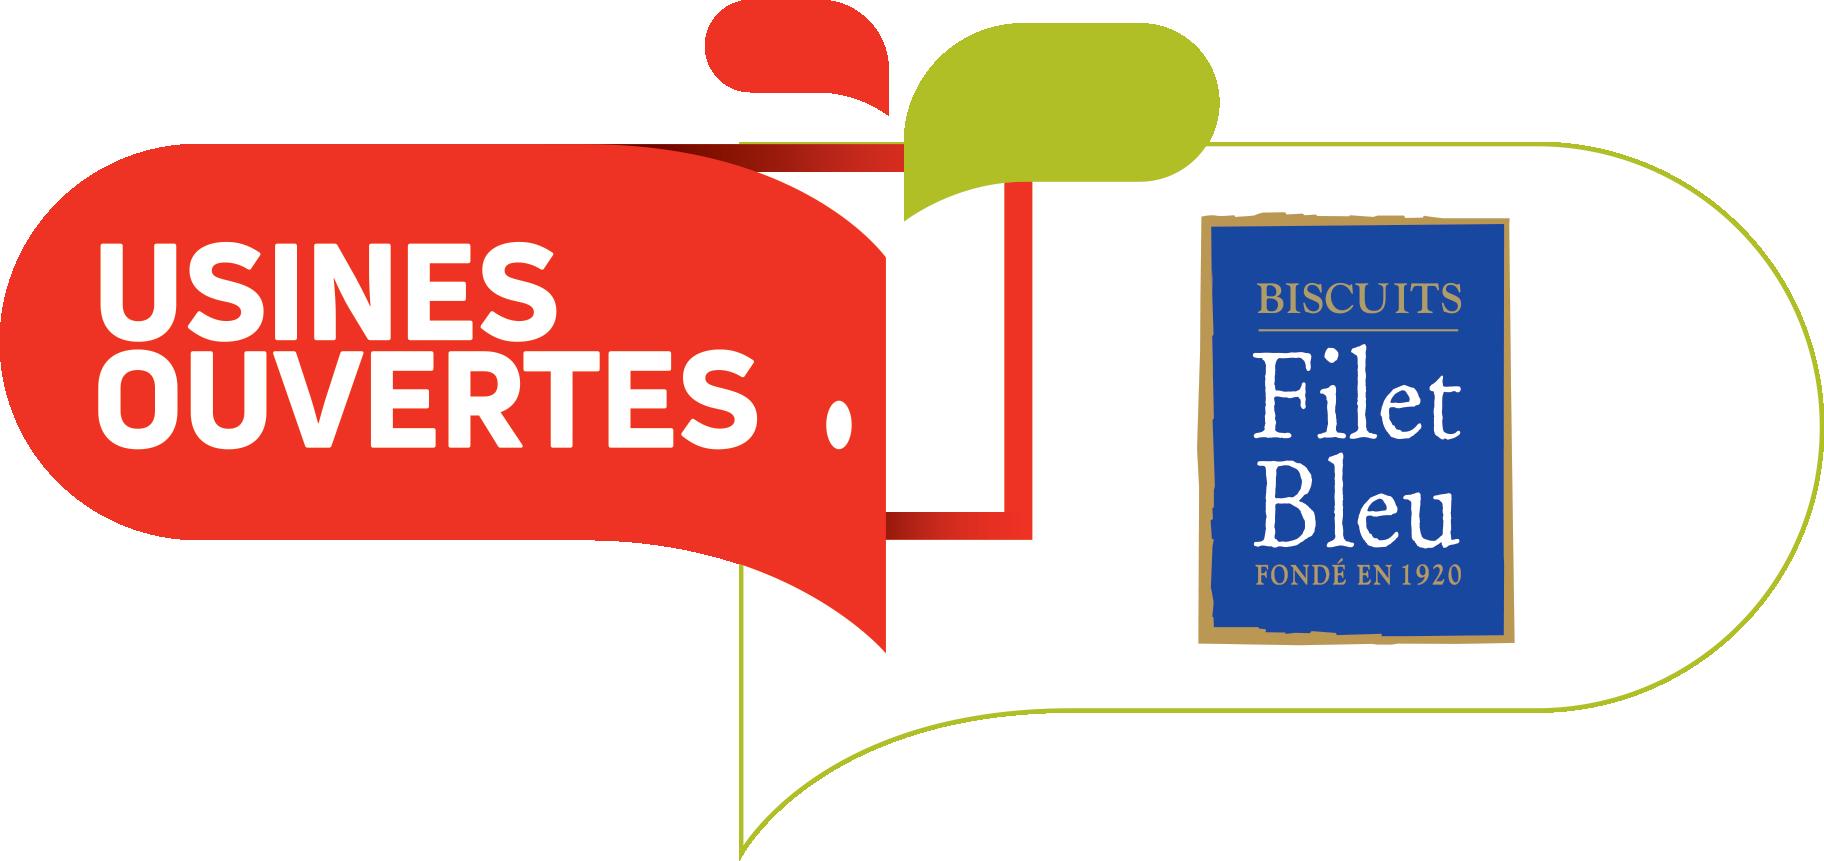 Filet Bleu